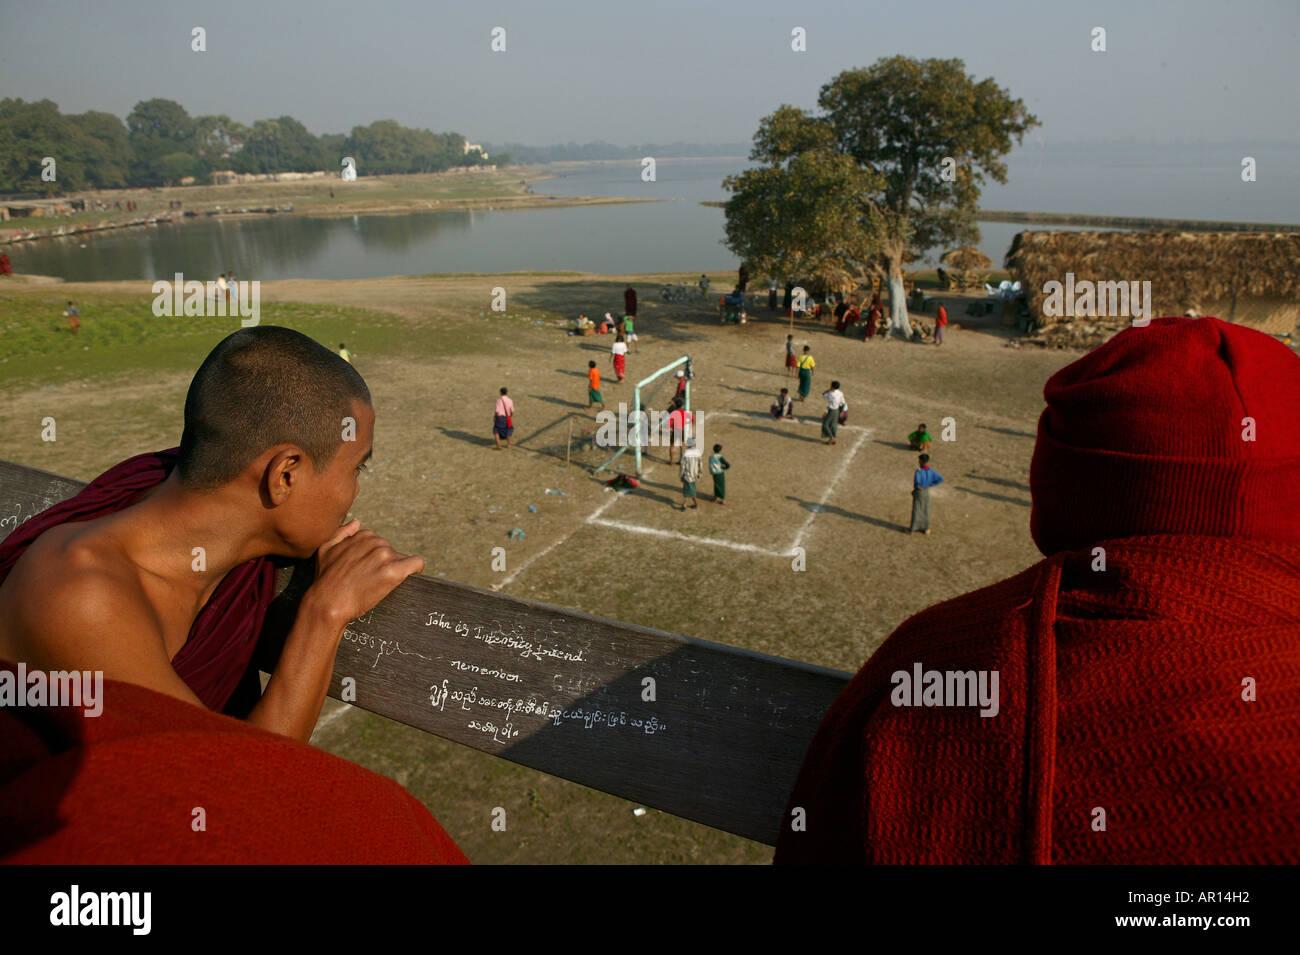 Monks watch football match from U Bein bridge, Moenche beobachten Fussballspiel von der U Bein Bruecke, Amarapura bei Mandalay - Stock Image